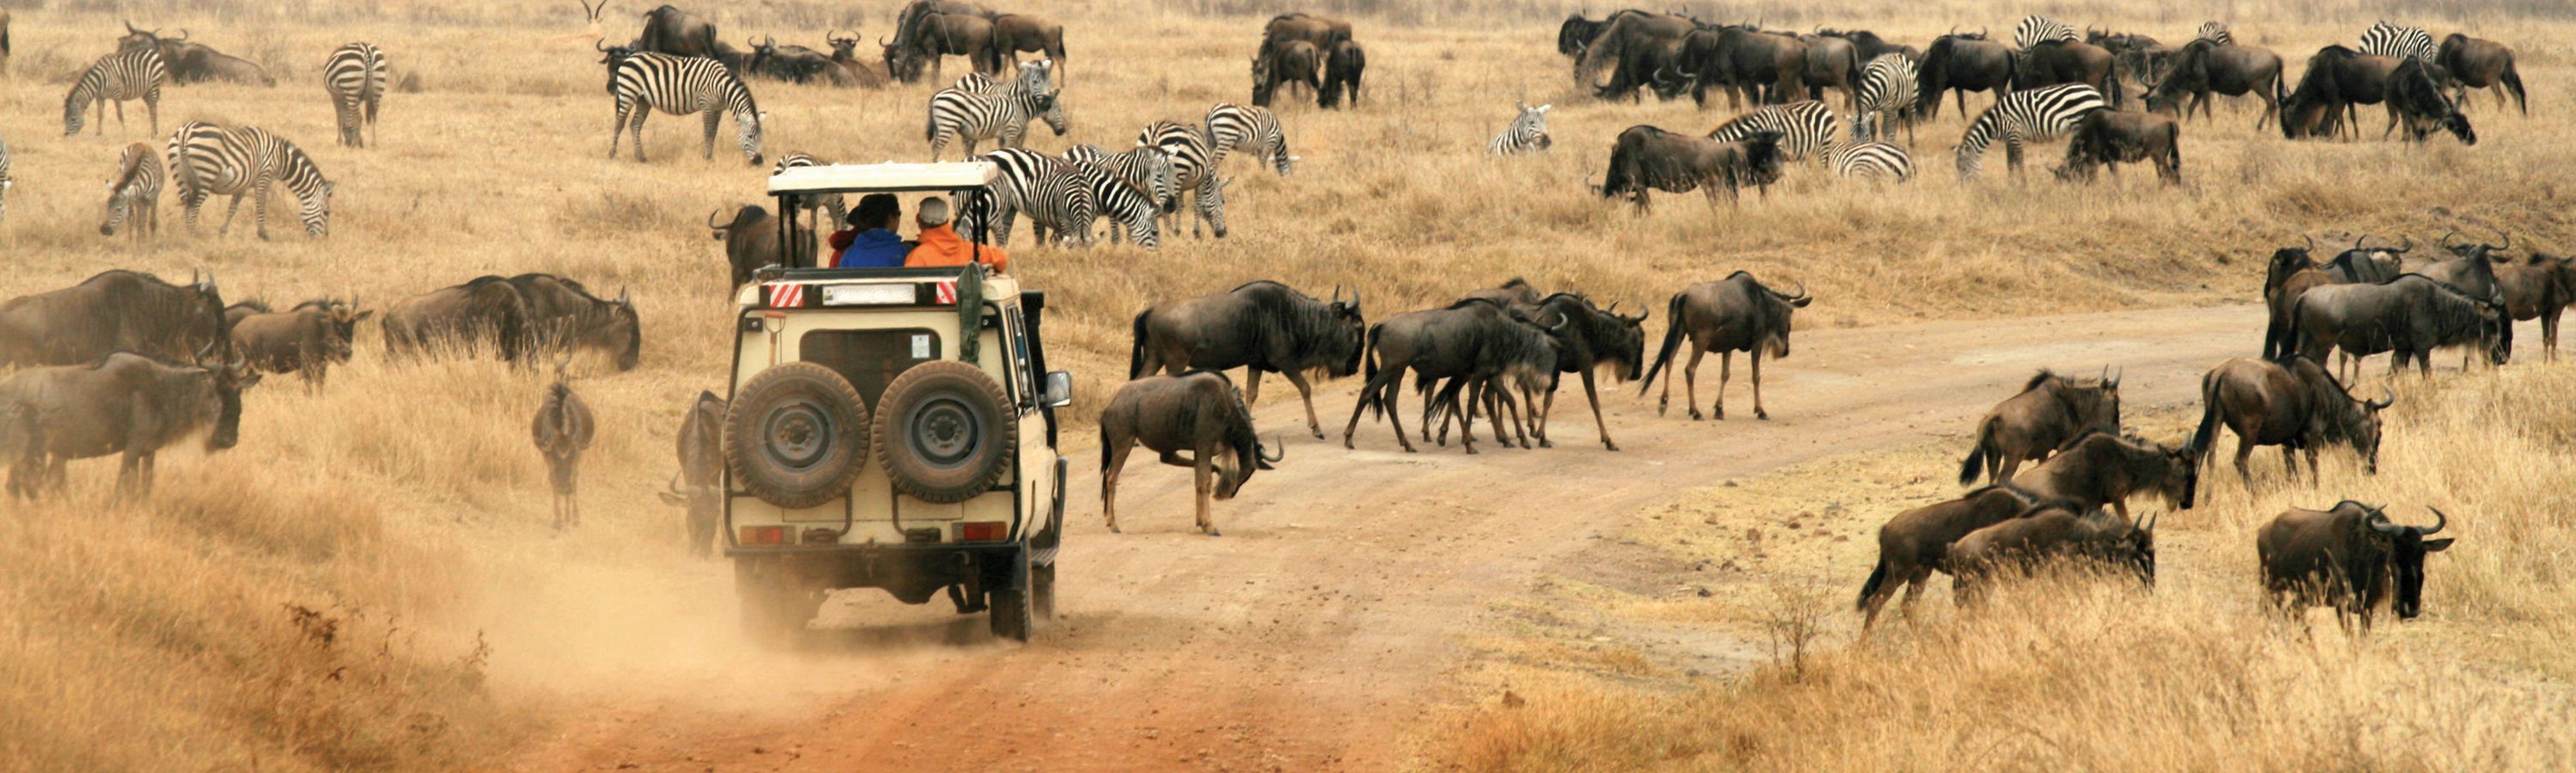 515f9da19726 Kenya Wildlife Safari | EF Go Ahead Tours